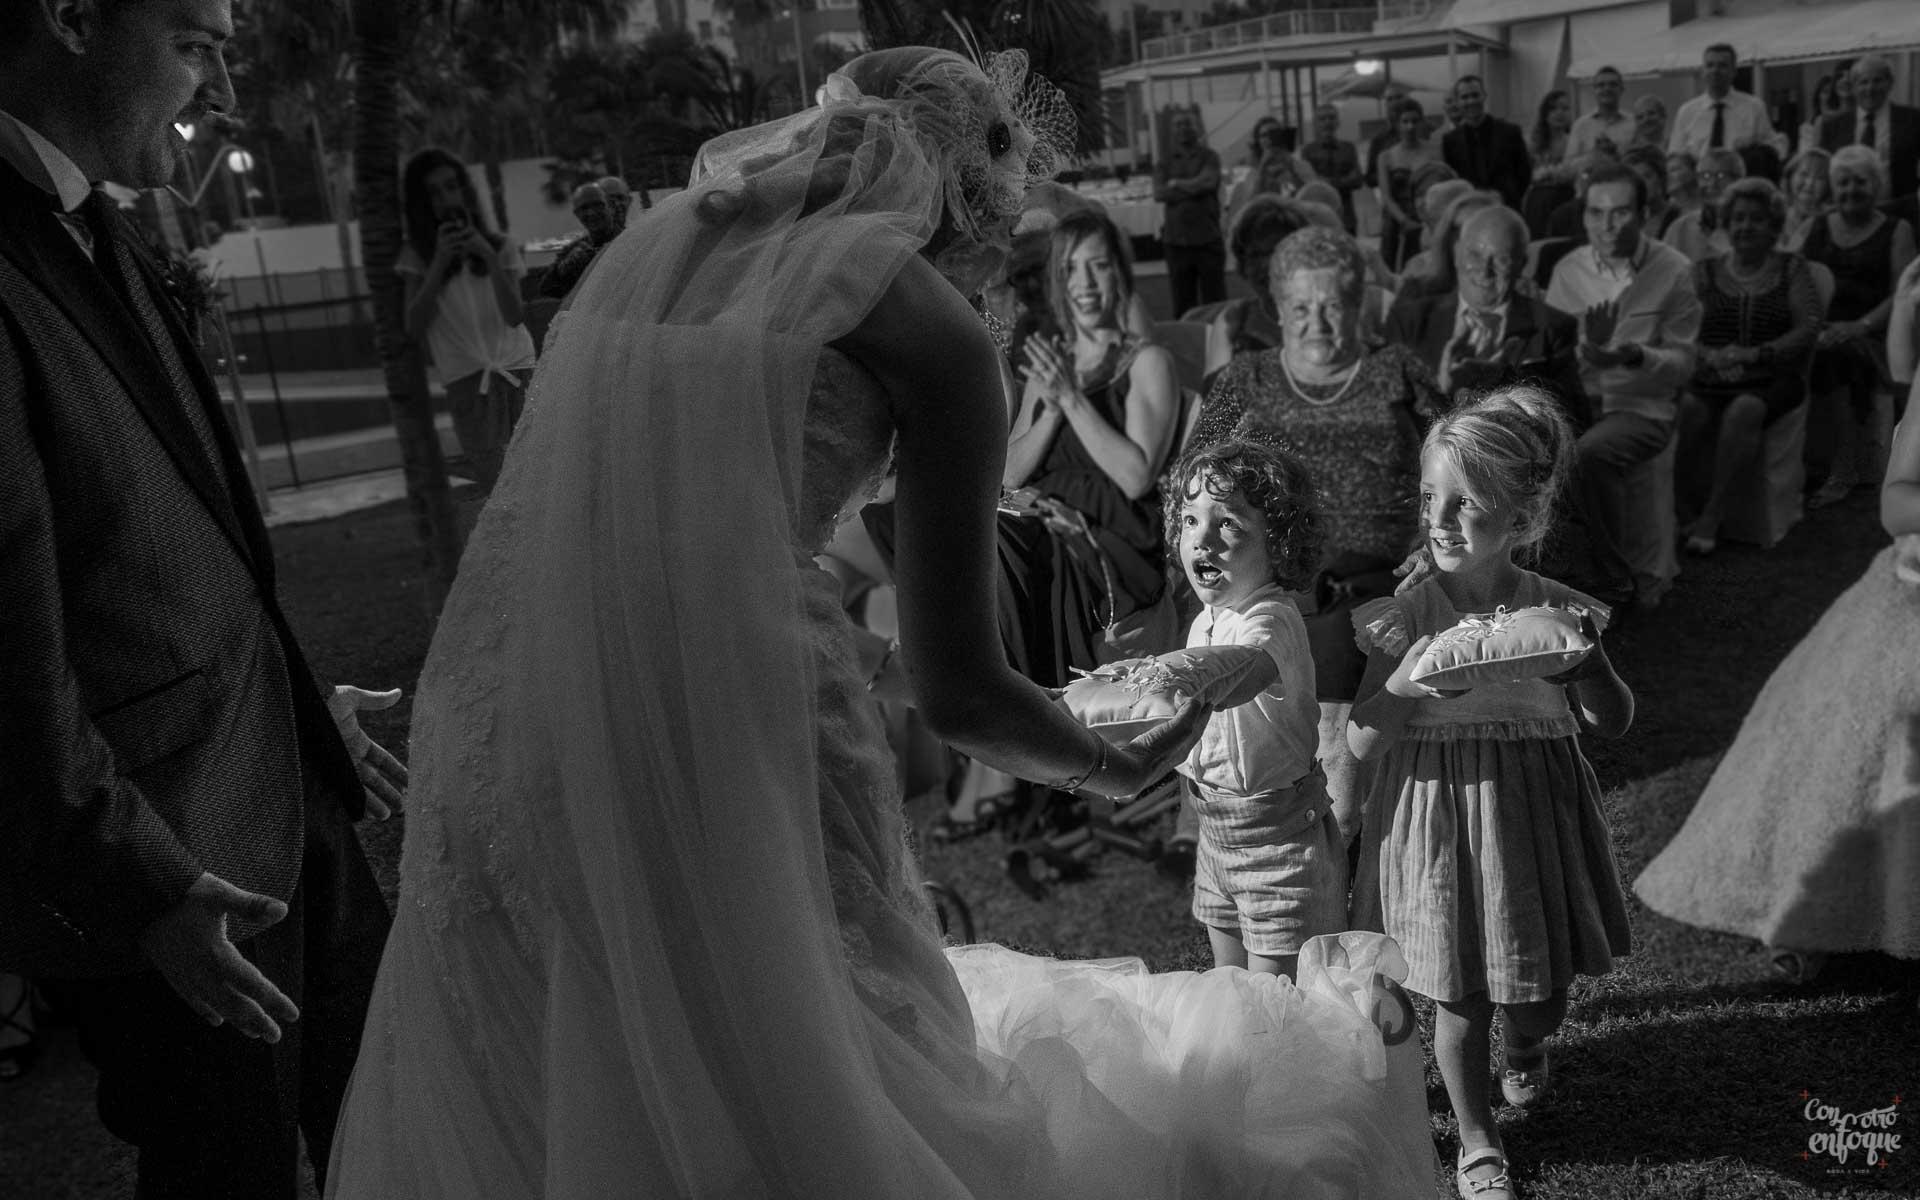 fotógrafo de boda. Valencia. Ciudad Real.